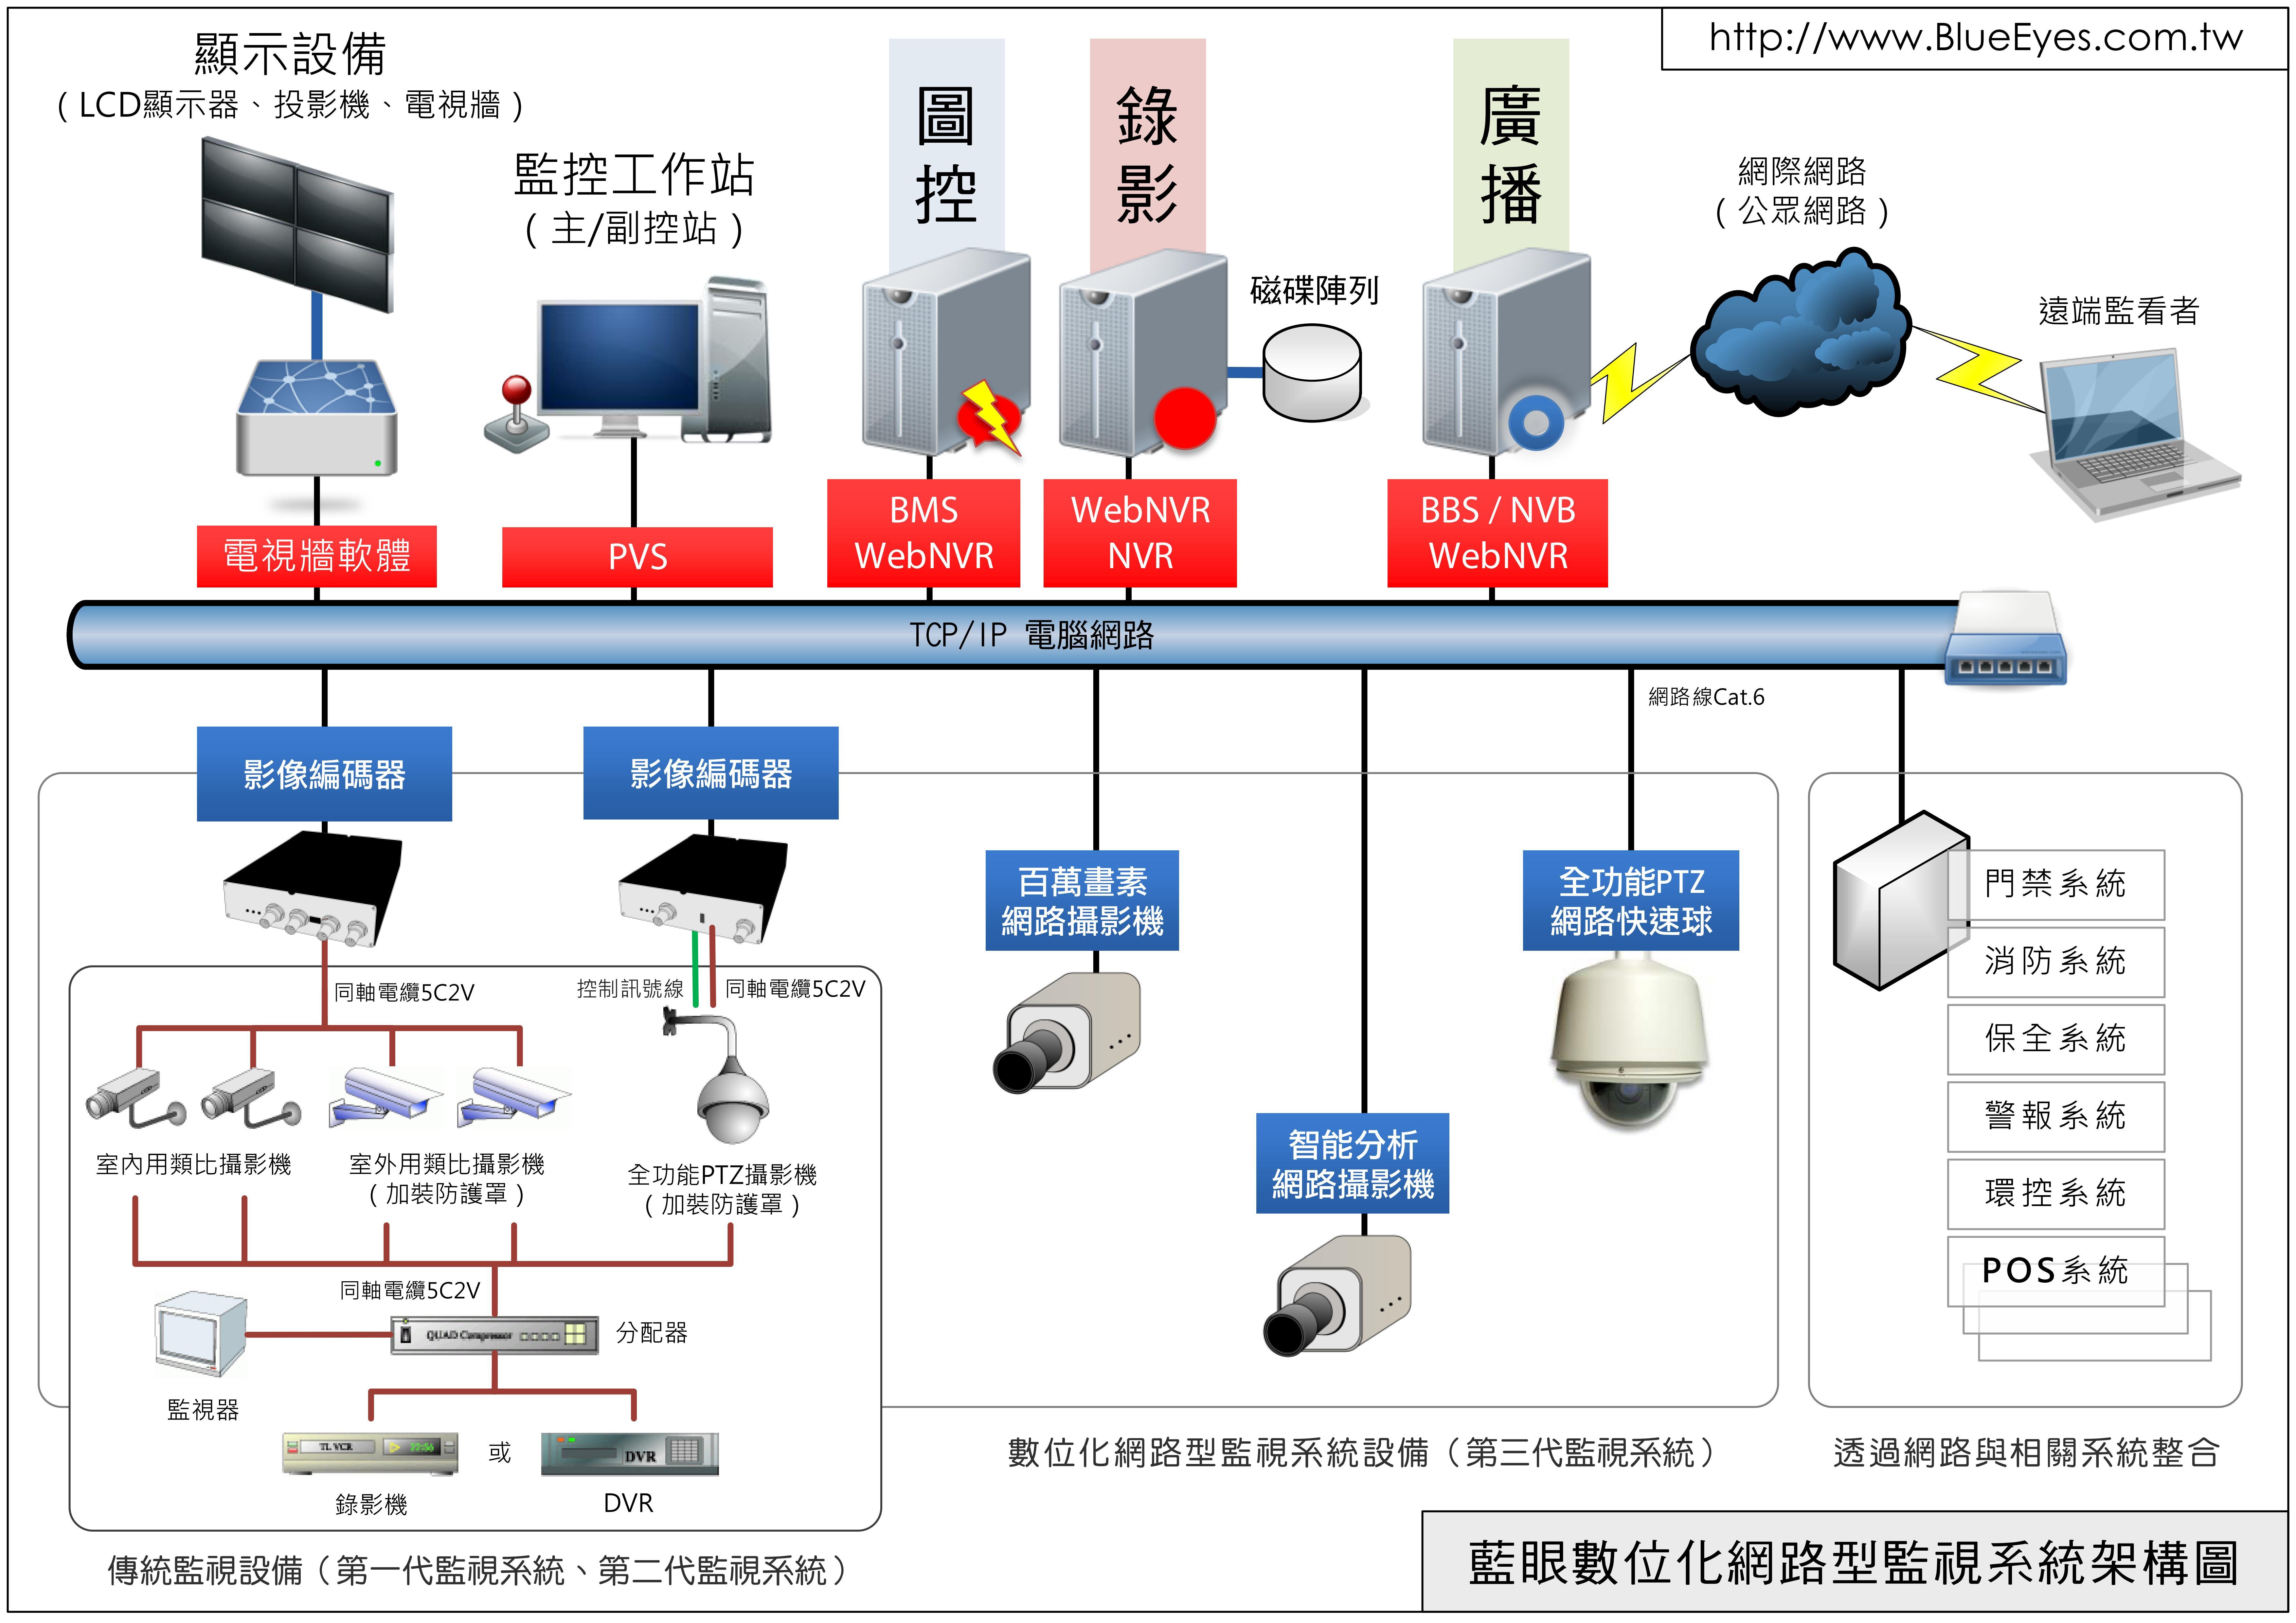 第三代網路視訊監視系統基本架構圖 知識庫 補課系統 課錄系統 錄播系統 錄課系統 Hd高畫質補課系統 藍眼